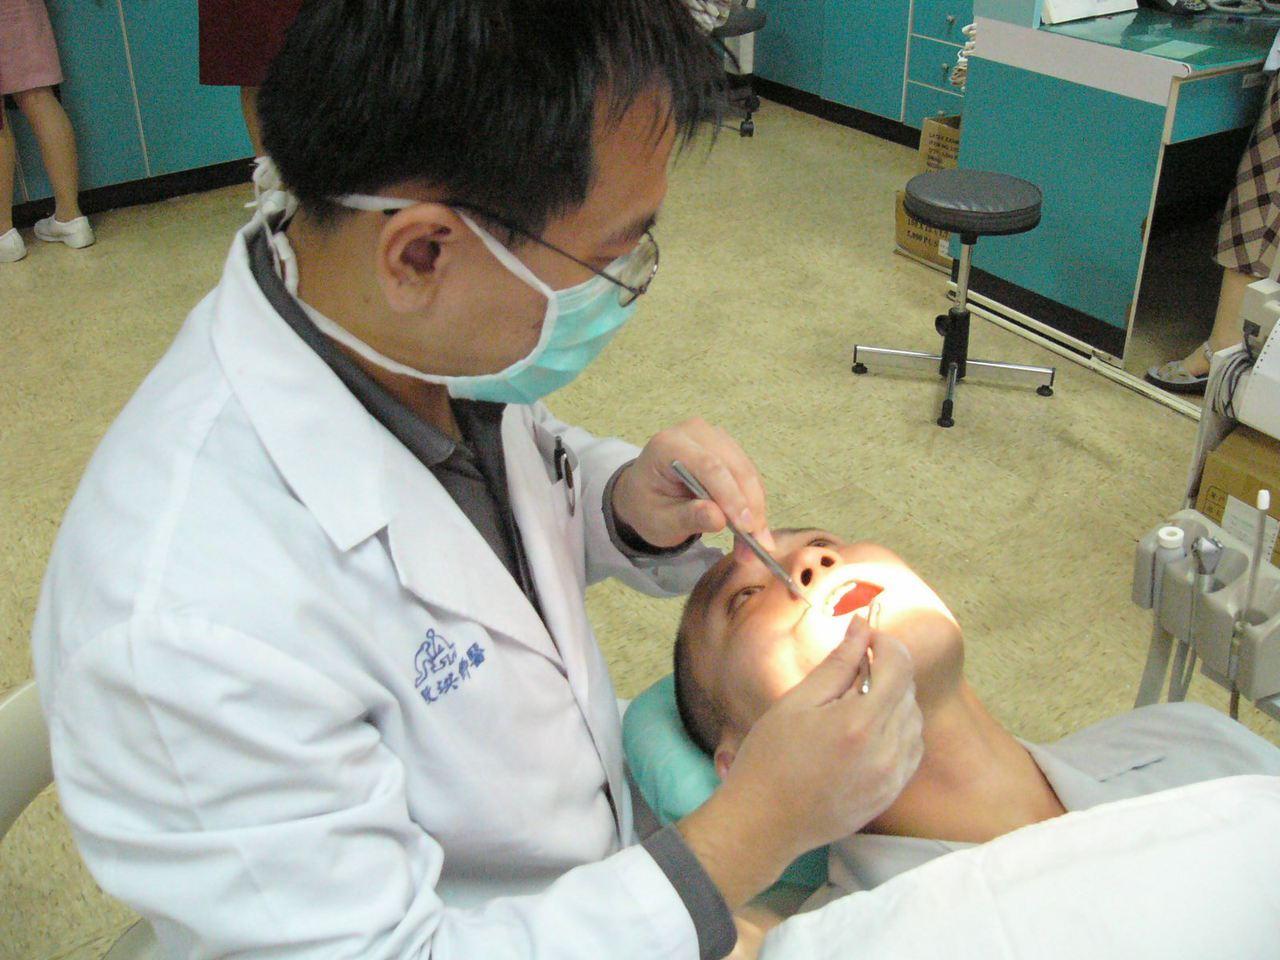 國健署呼籲30歲以上有抽菸、嚼食檳榔者應每兩年接受一次口腔黏膜檢查,早期發現,早...